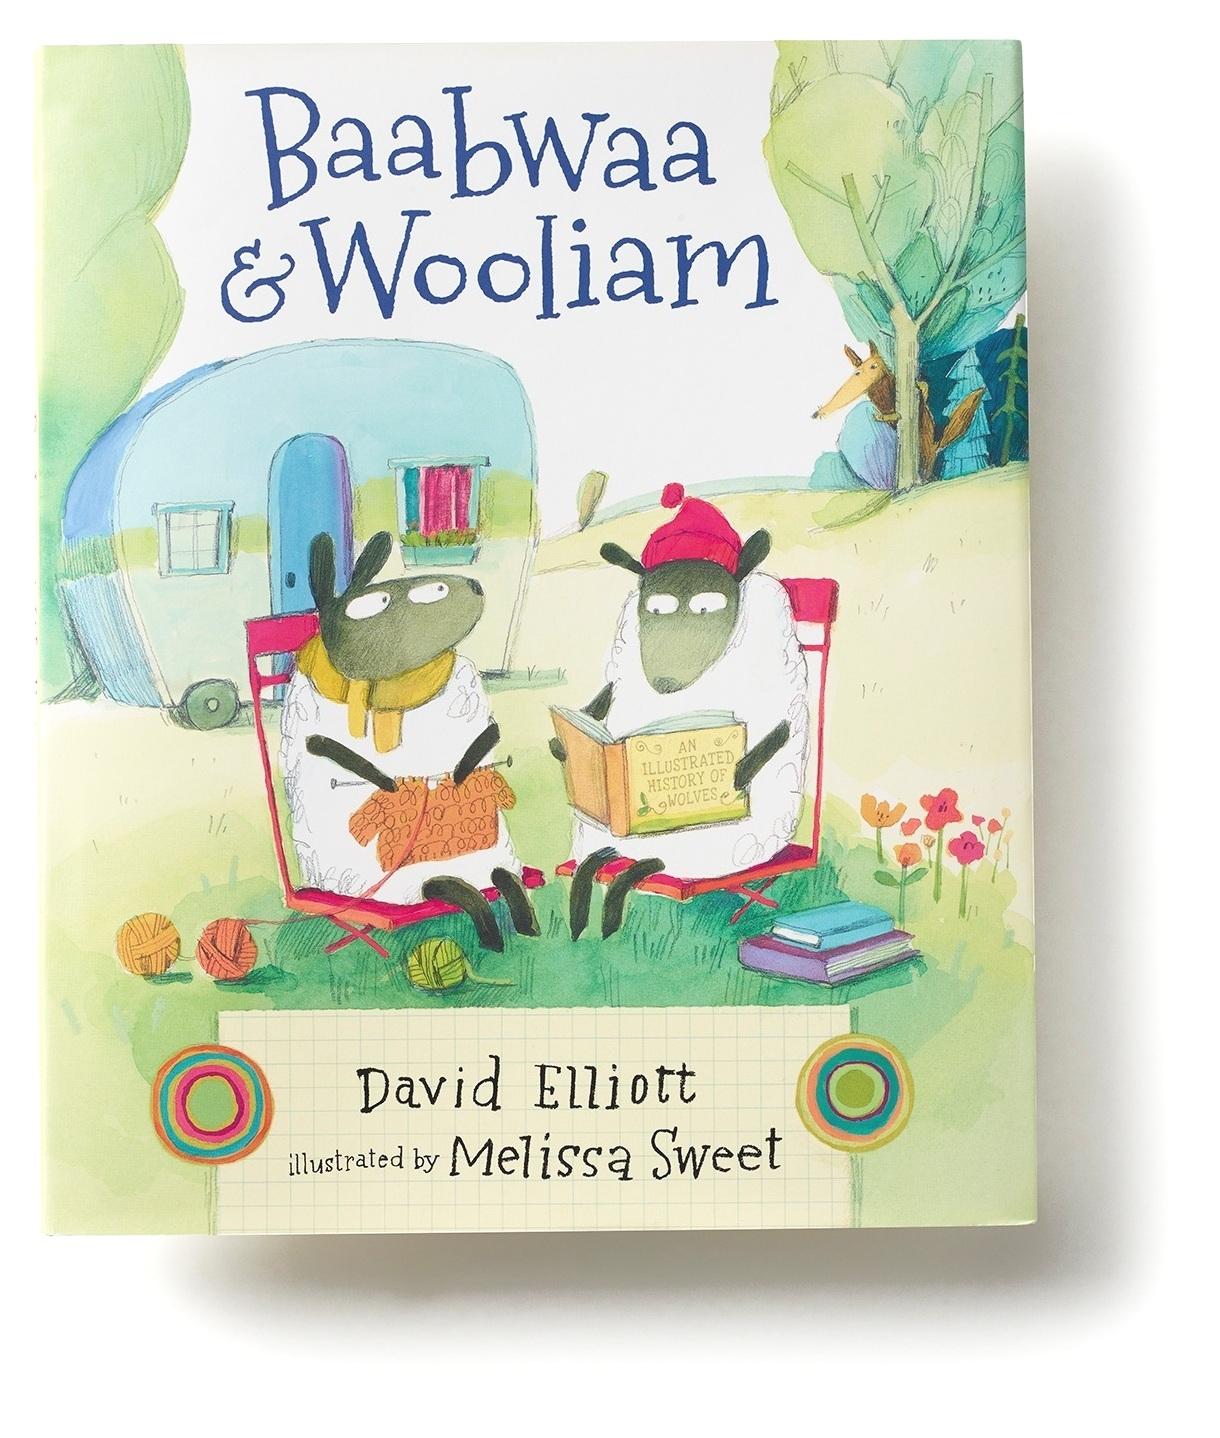 Baabwaa & Wooliam Cover.jpg